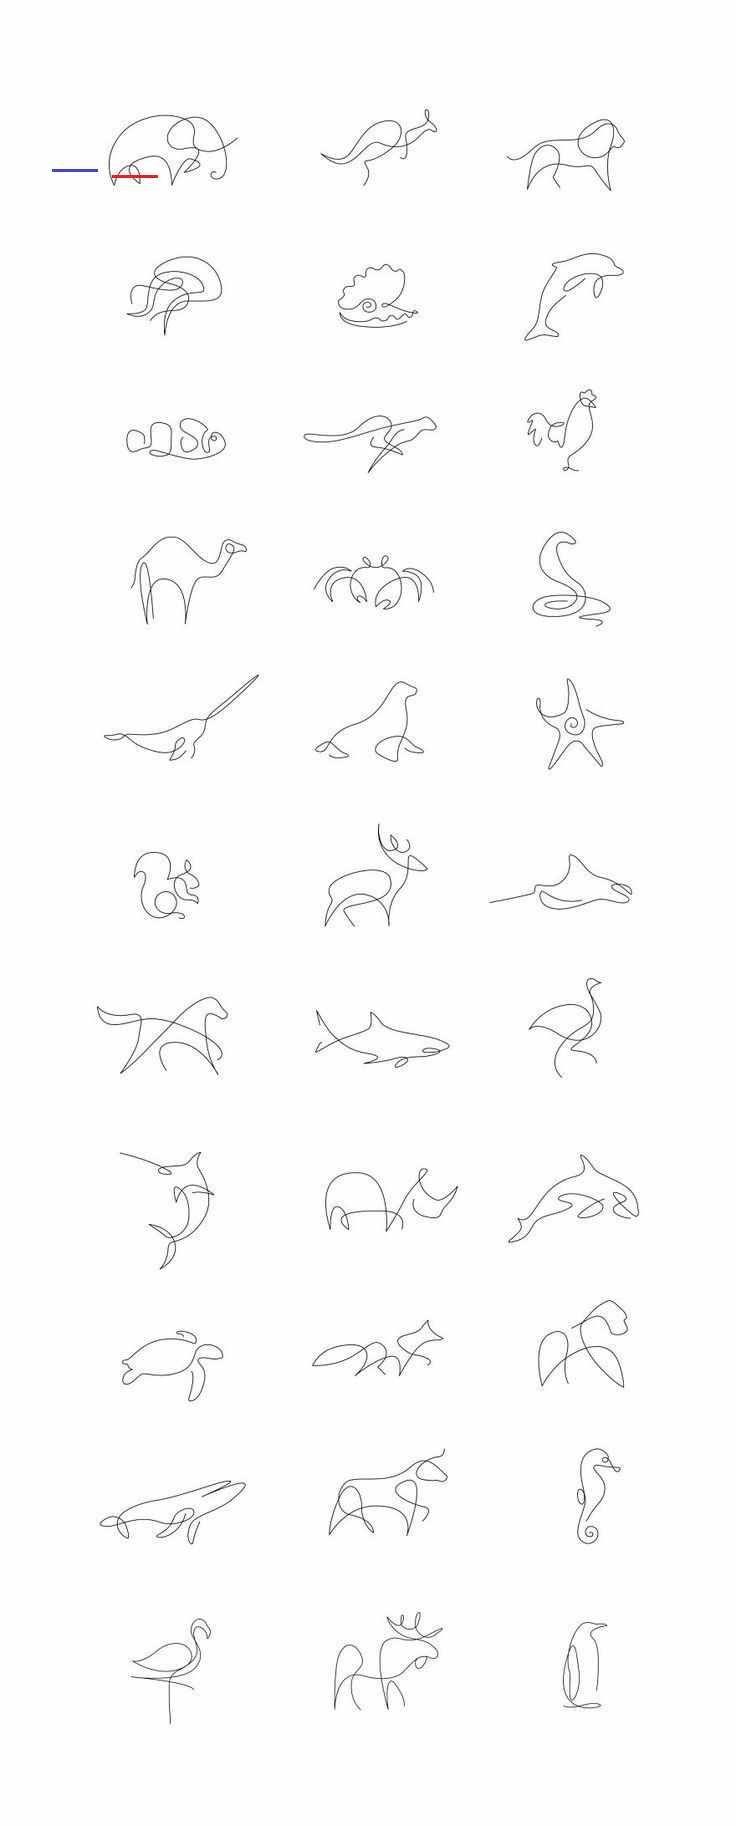 Tiny Tattoo-Idee von coolTop – Minimalistische Tiere von einem französischen Künstlerduo   … - Amy Tiny Tattoo-Idee von coolTop – Minimalistische Tiere von einem französischen Künstlerduo   … - Amy Tiny Tattoo-Idee von coolTop – Minimalistische Tiere von einem französischen Künstlerduo   … - #coolTop #einem #französischen #Künstlerduo #minimalistische #TattooIdee #Tiere #Tiny #von<br> Tiny Tattoo-Idee von coolTop – Minimalistische Tiere von einem französischen Künstlerduo   … Tiny Tattoo-Idee vo